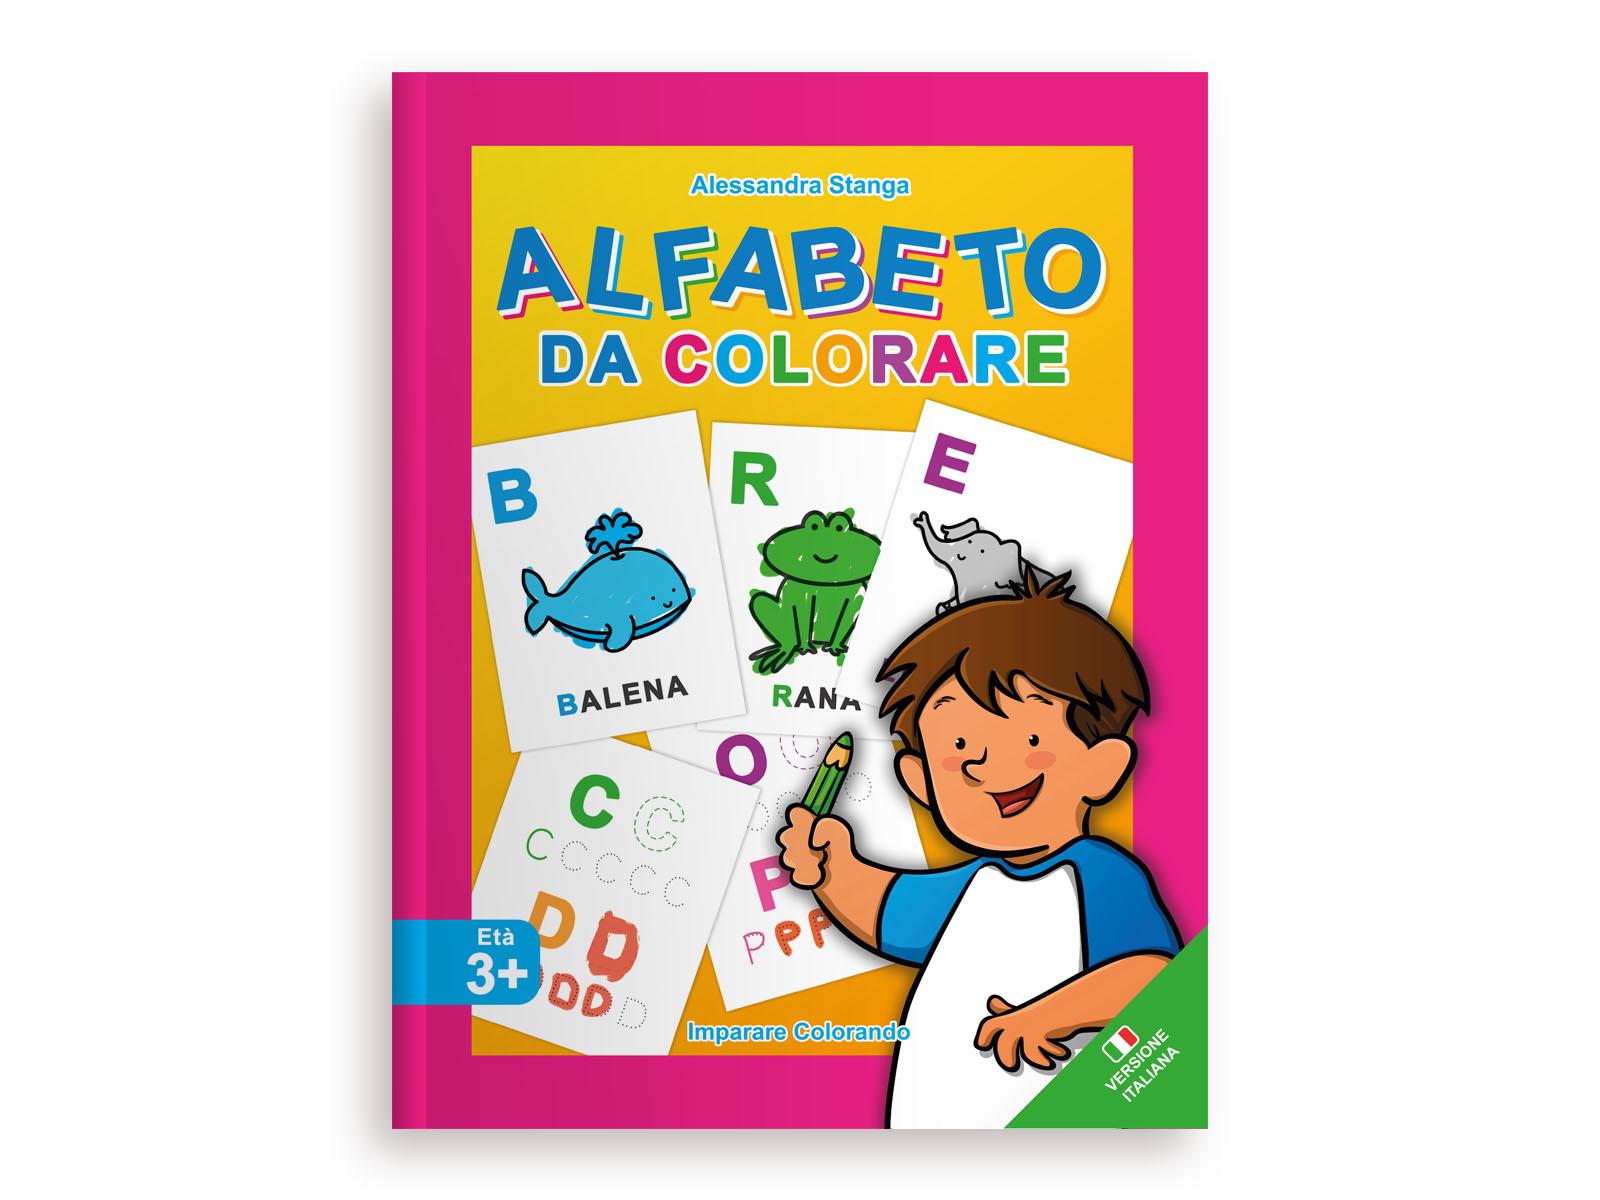 Alfabeto da Colorare Italiano